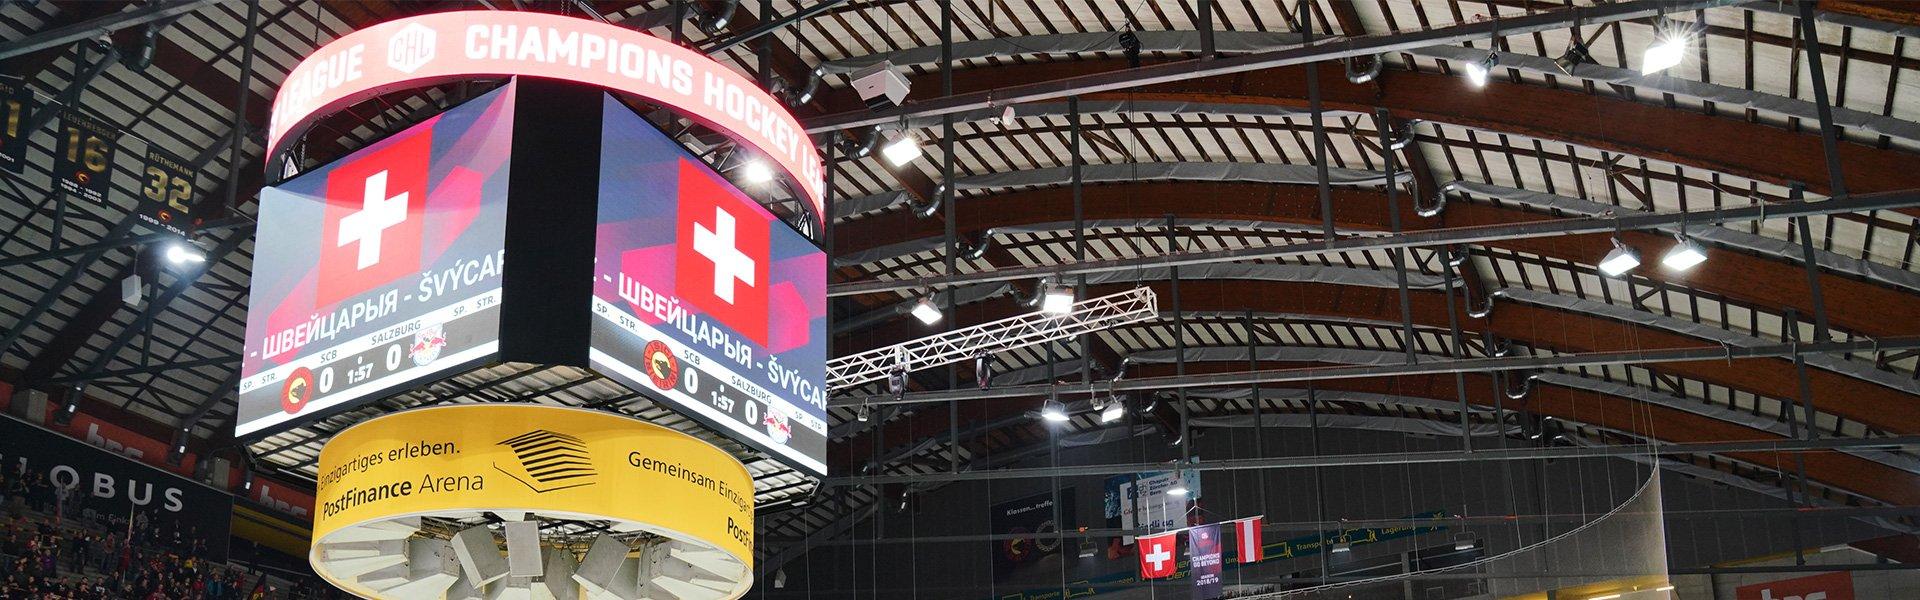 Der in der Mitte über dem Spielfeld hängende LED Videowürfel in der Postfinance Arena Bern